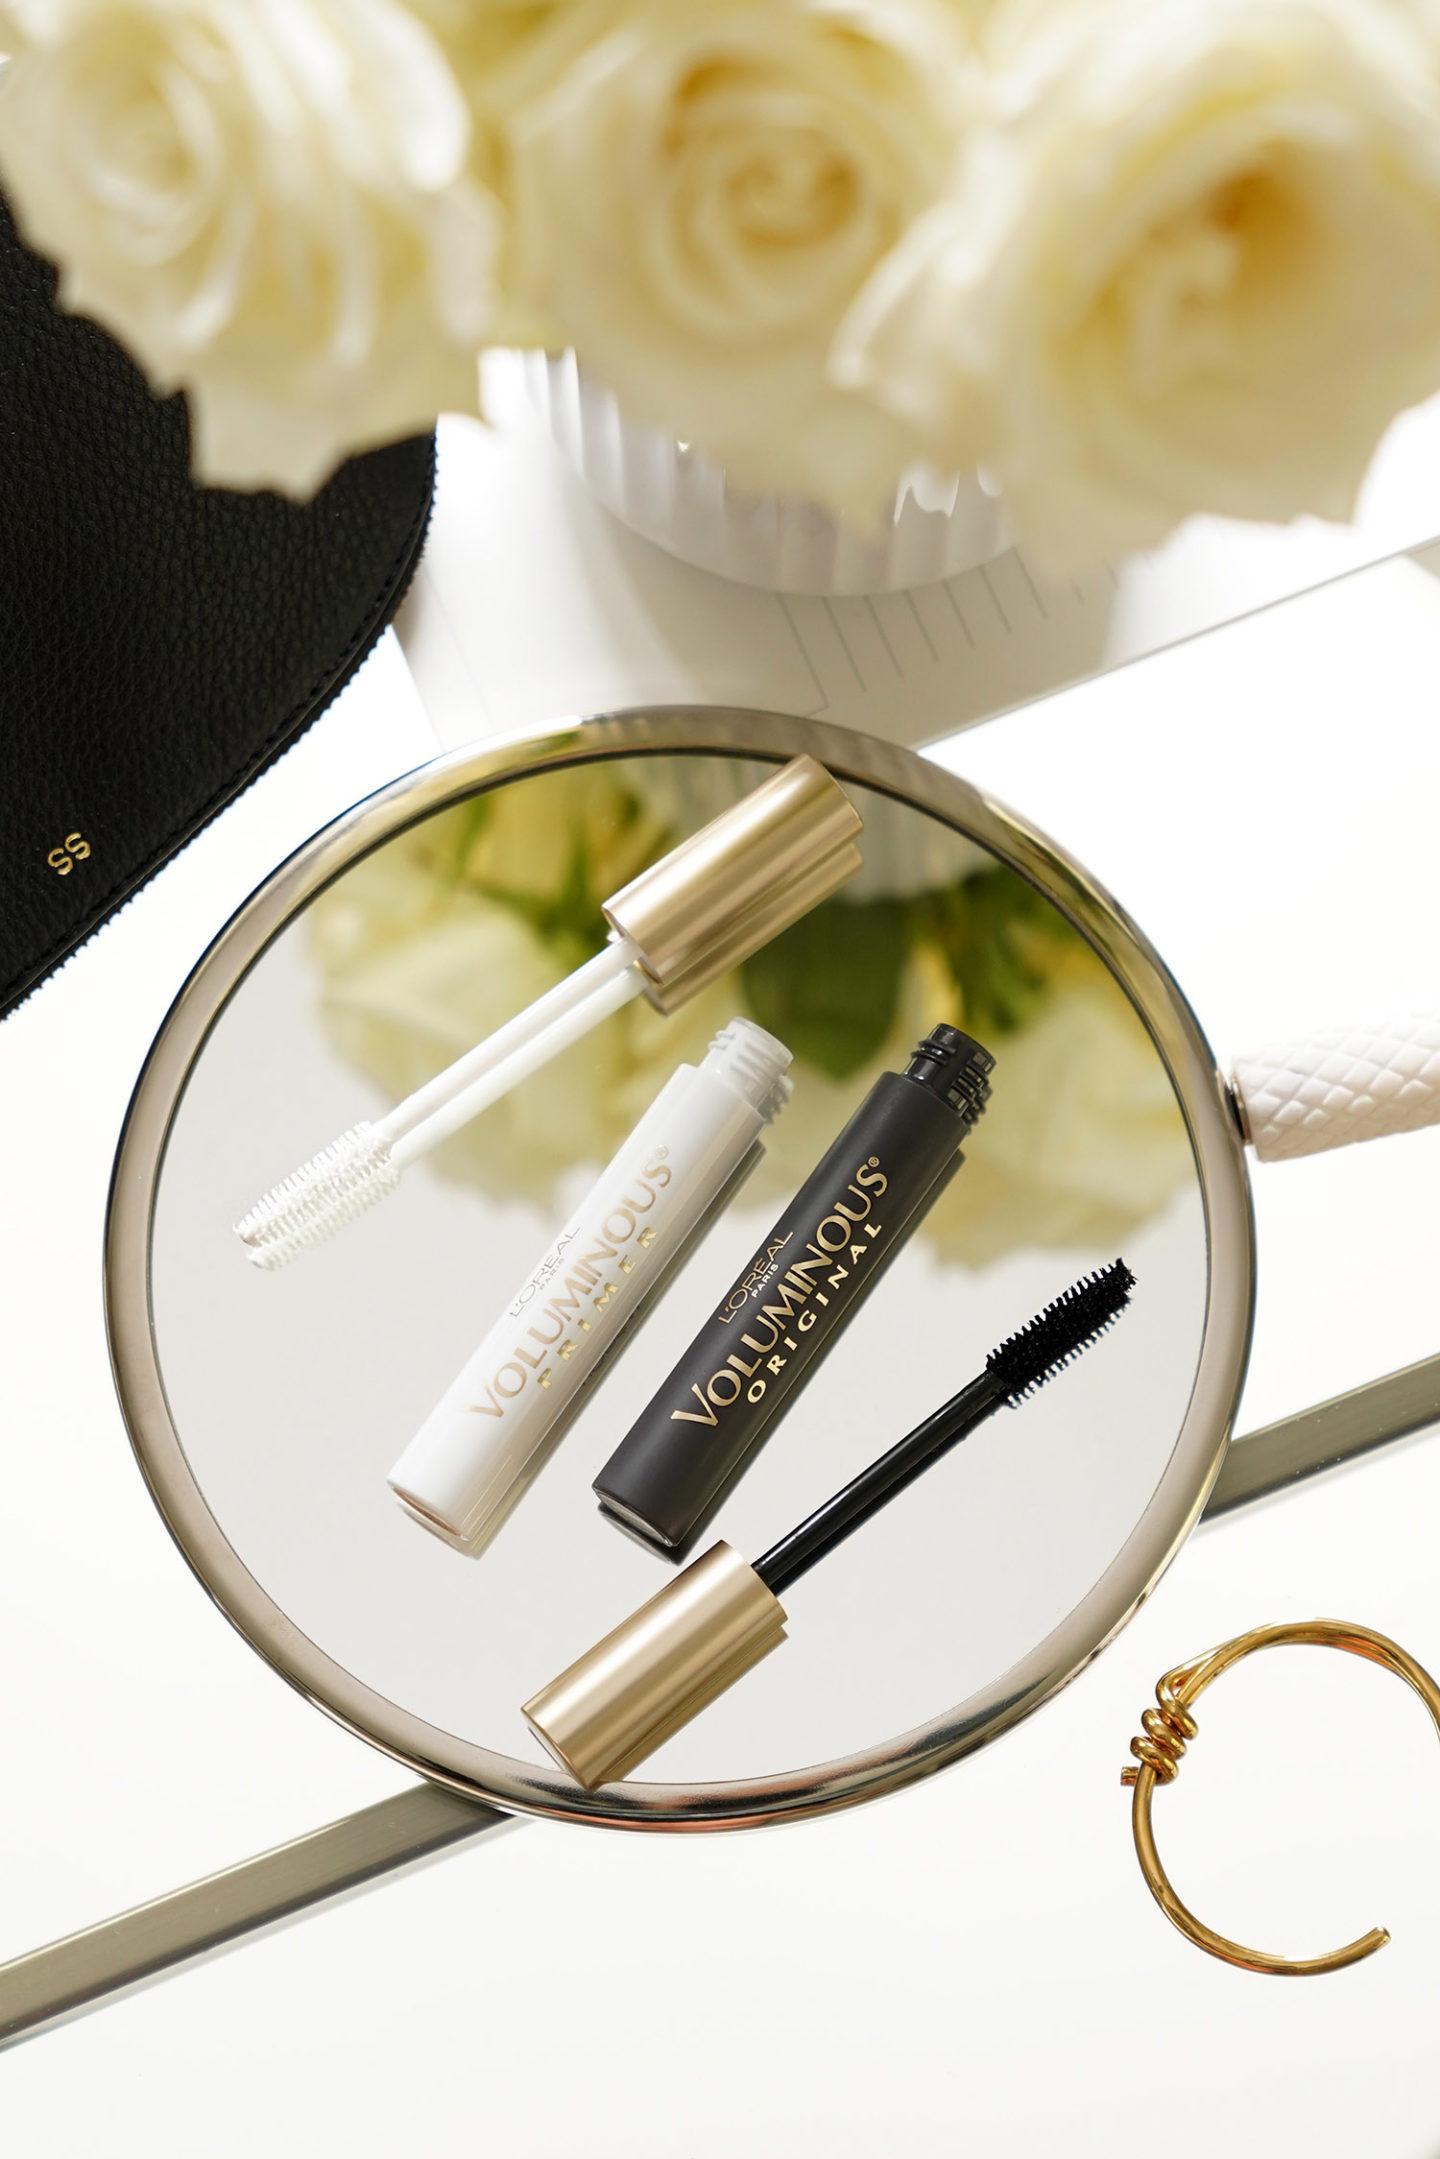 Mascara et apprêt L'Oréal Voluminous Original